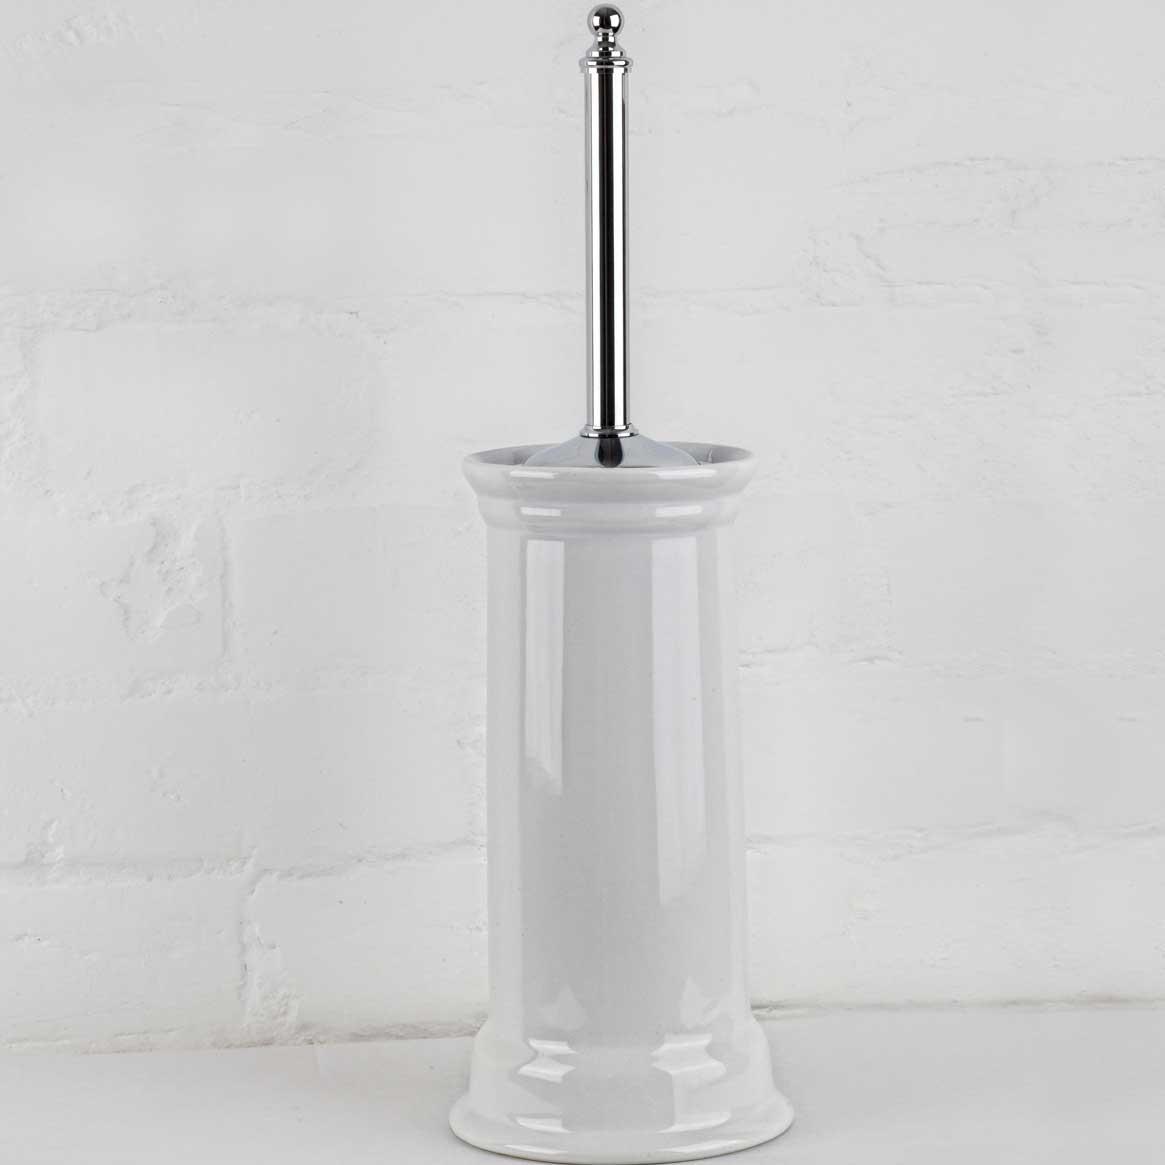 alis Туалетный ершик напольный Alis Versace A214011K